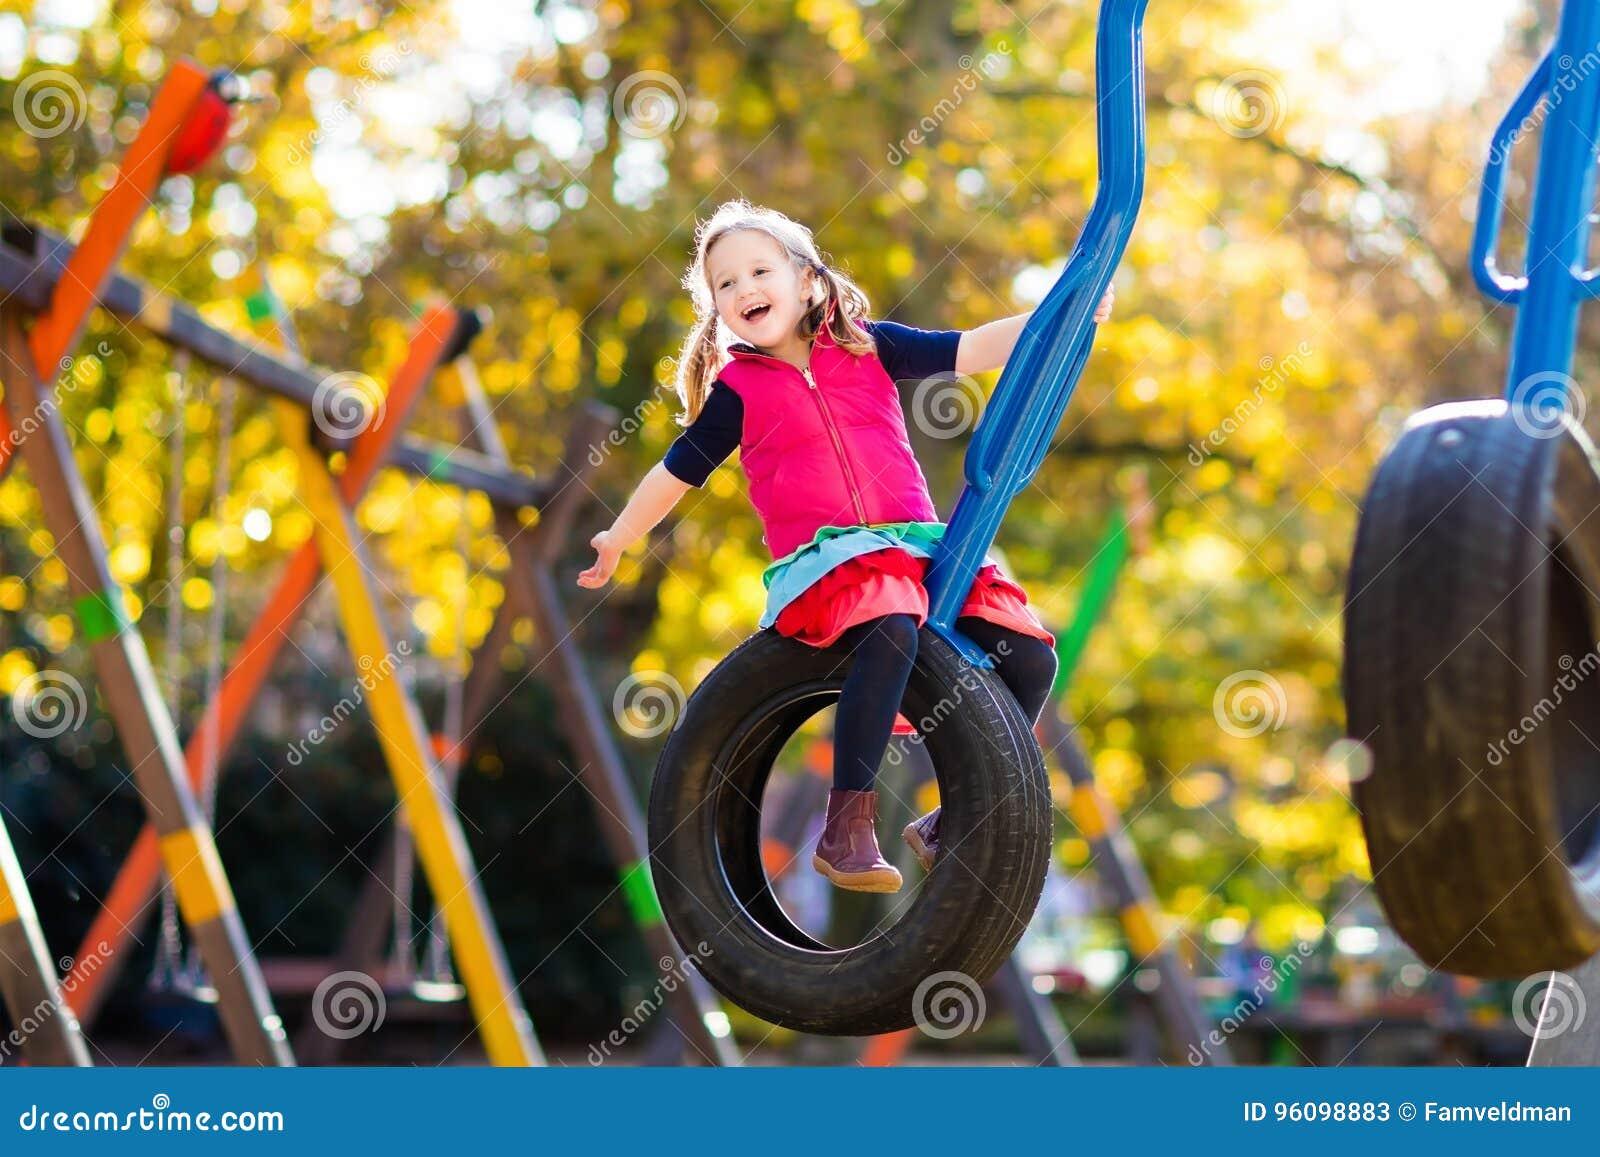 Kind auf Spielplatz im Herbst Kinder im Fall